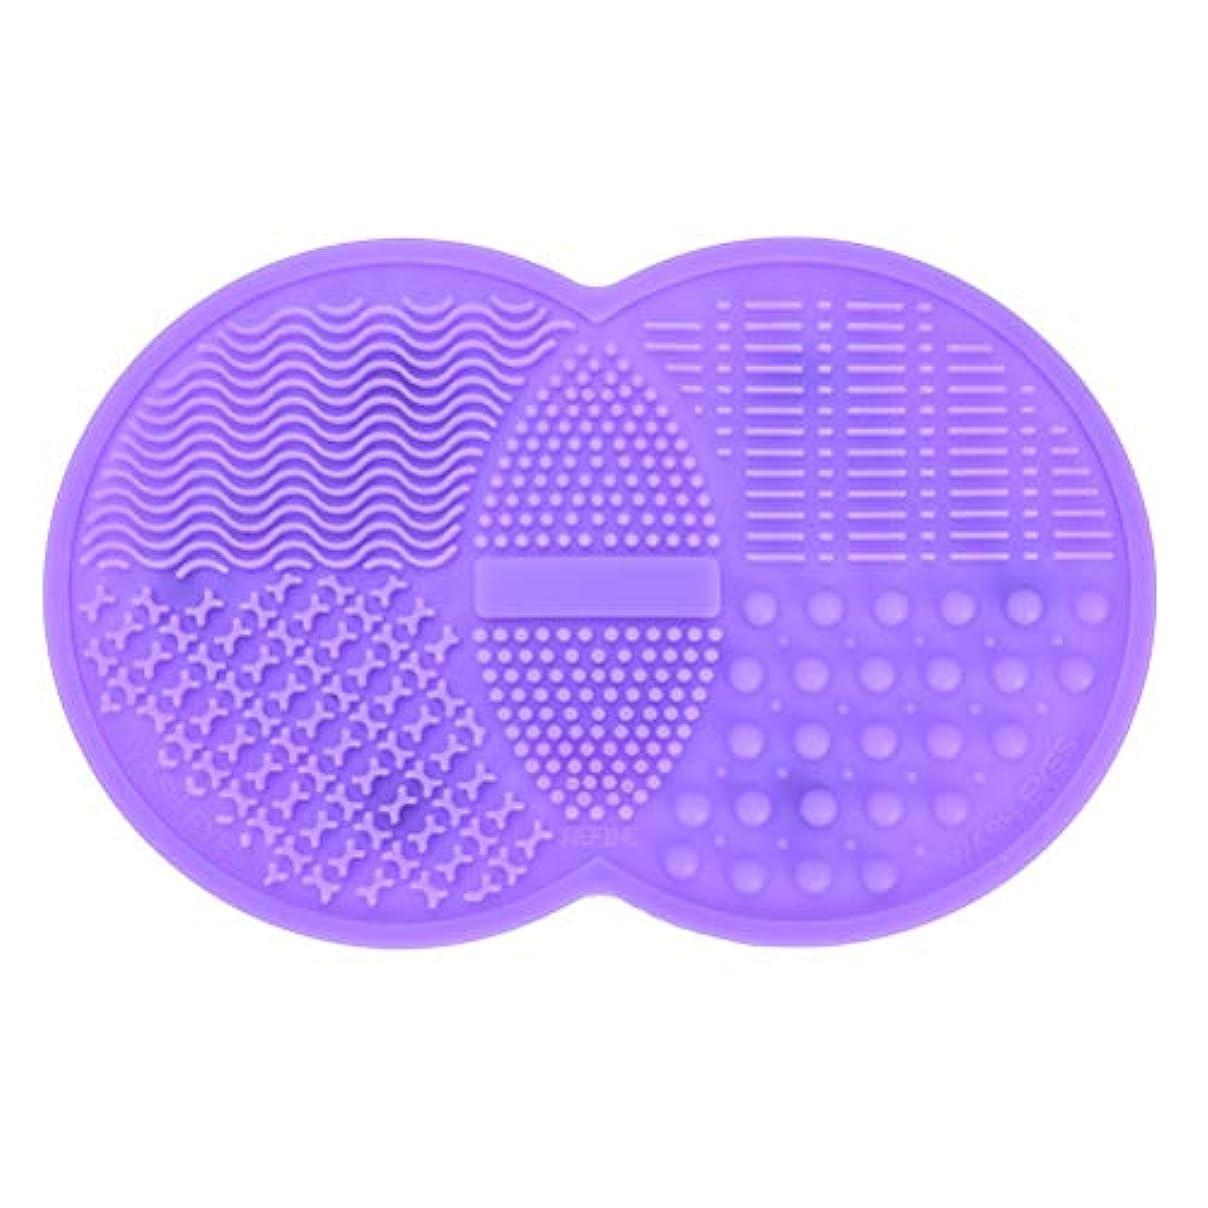 コロニアル夫敵Pichidr-JP メイクブラシ クリーナー シリコンマット化粧 洗浄 化粧筆 筆洗い(パープル)